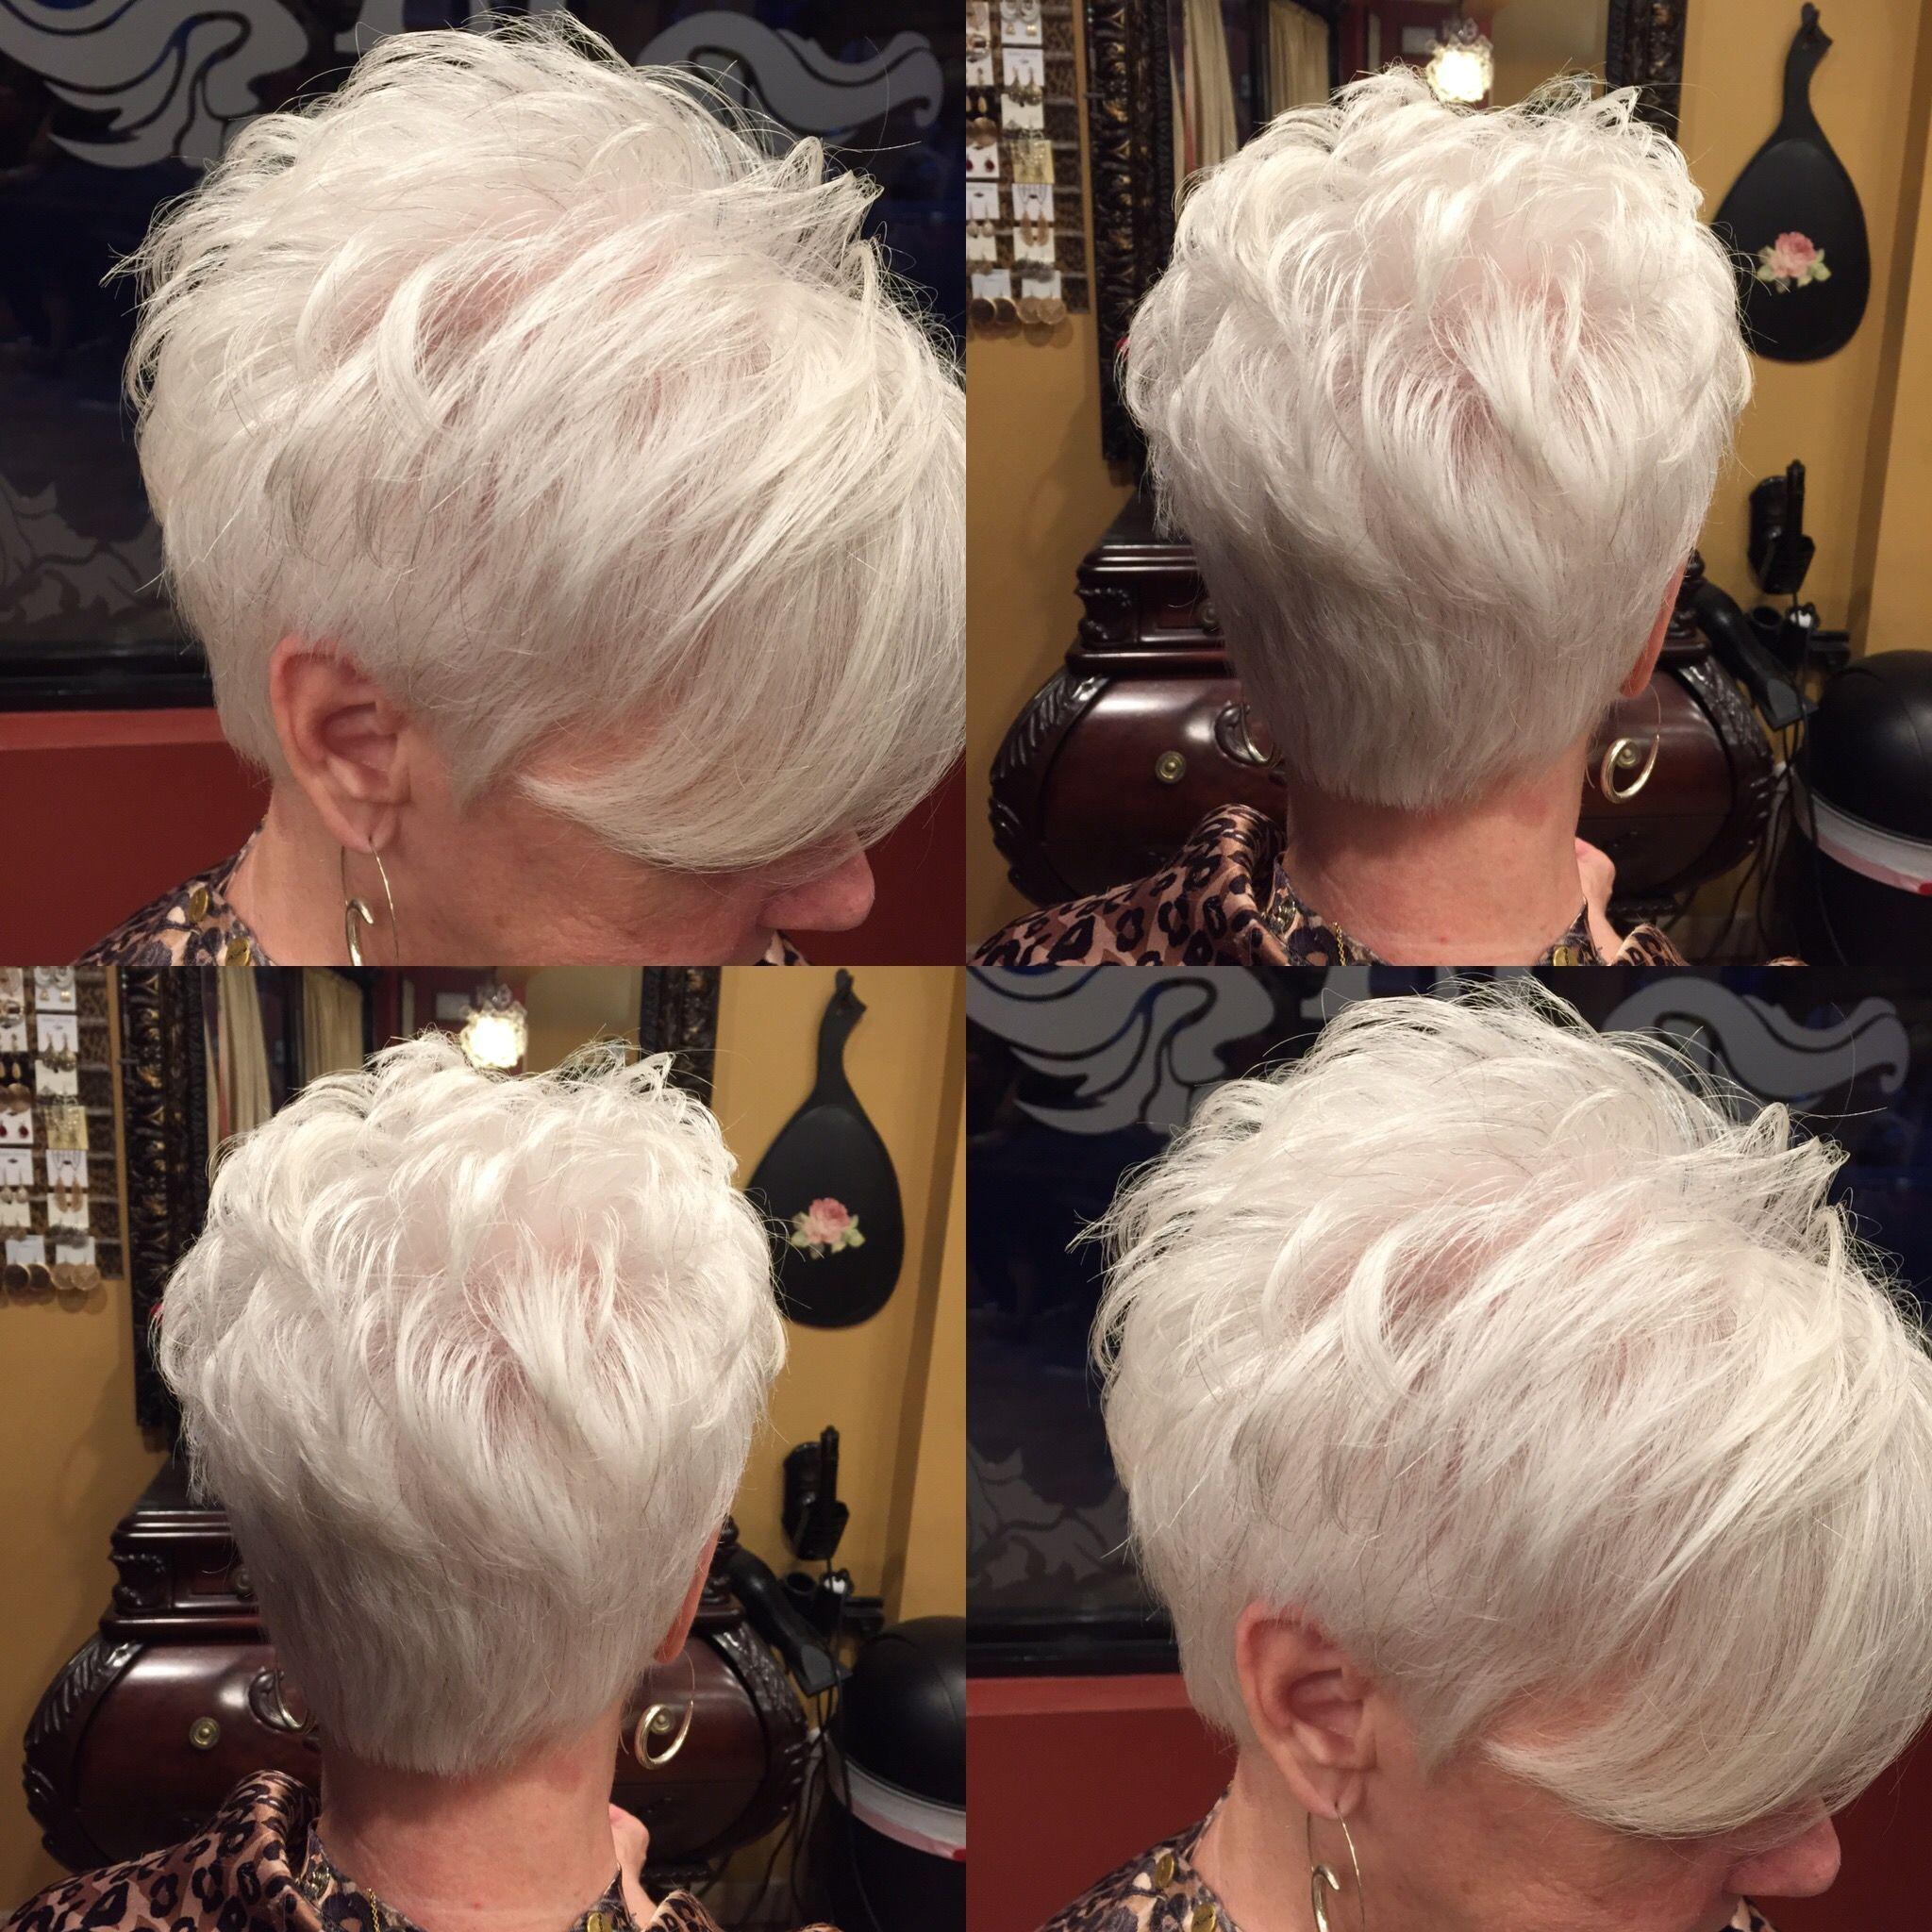 balage hair balayage